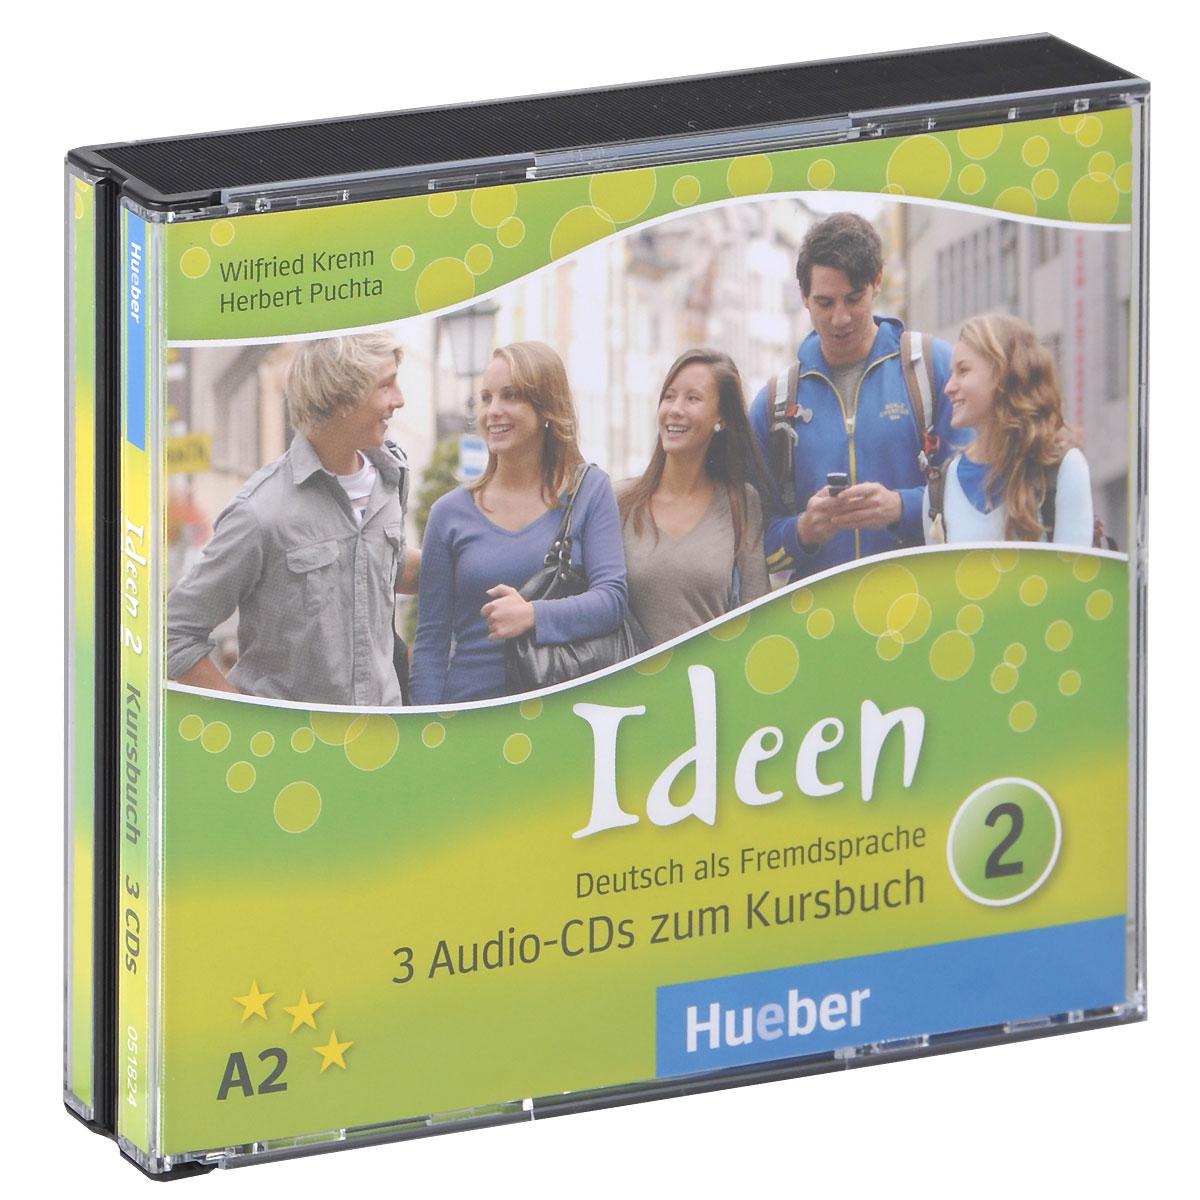 Ideen 2 (��������� �� 3 CD)